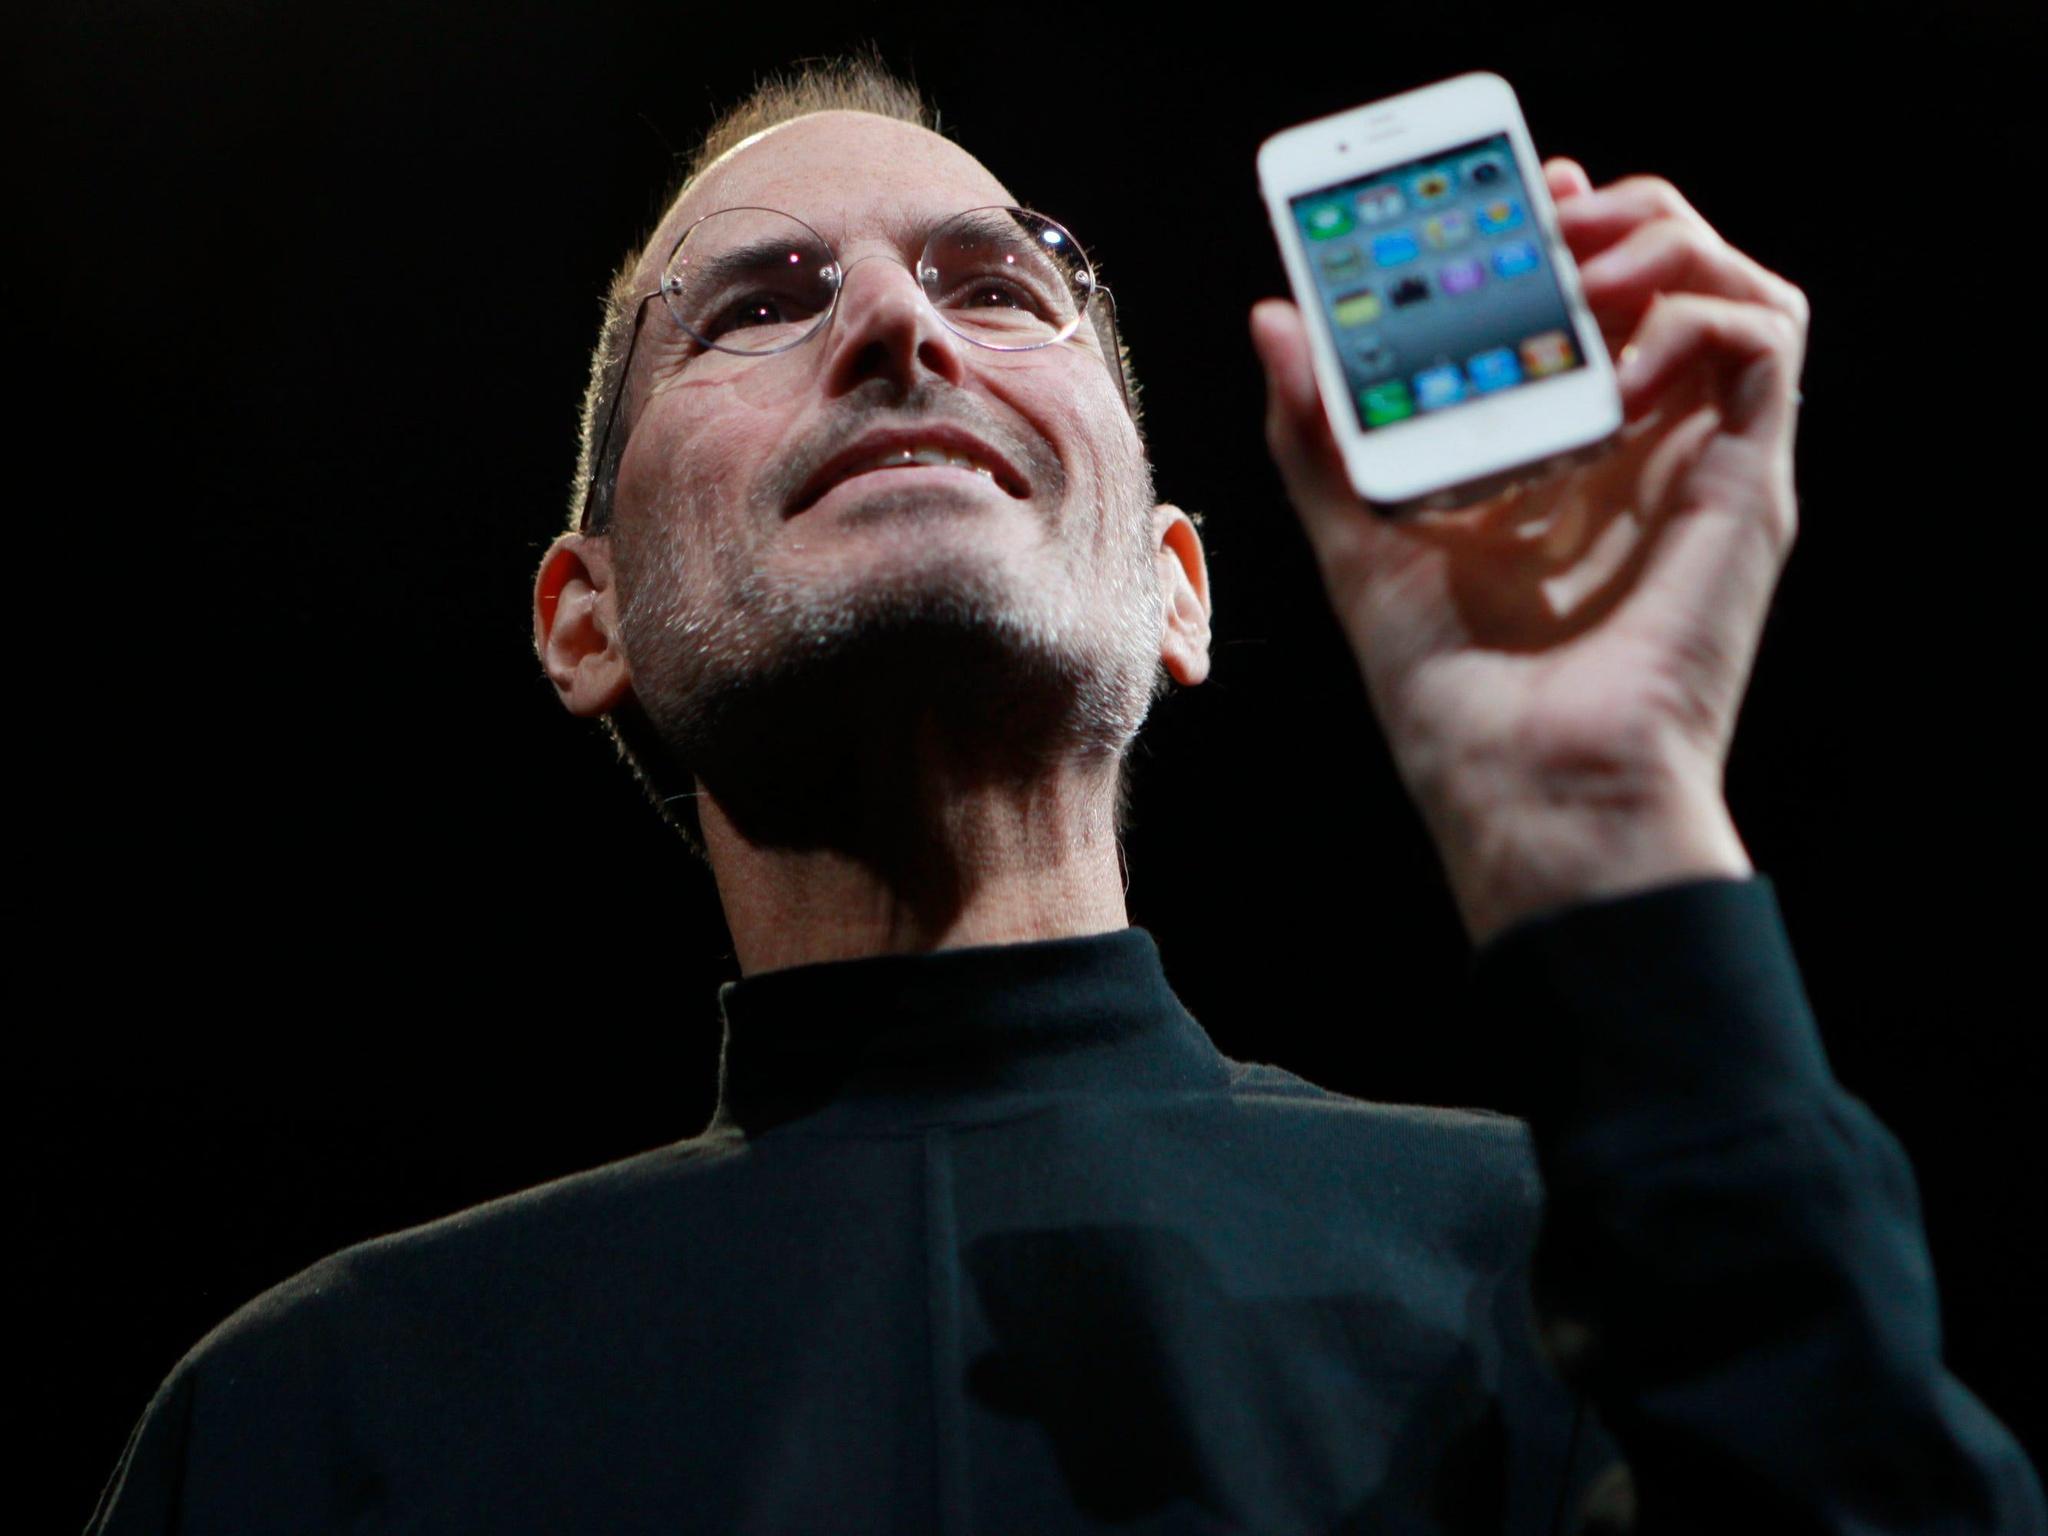 Mở đấu giá NFT đơn xin việc của Steve Jobs - ảnh 1